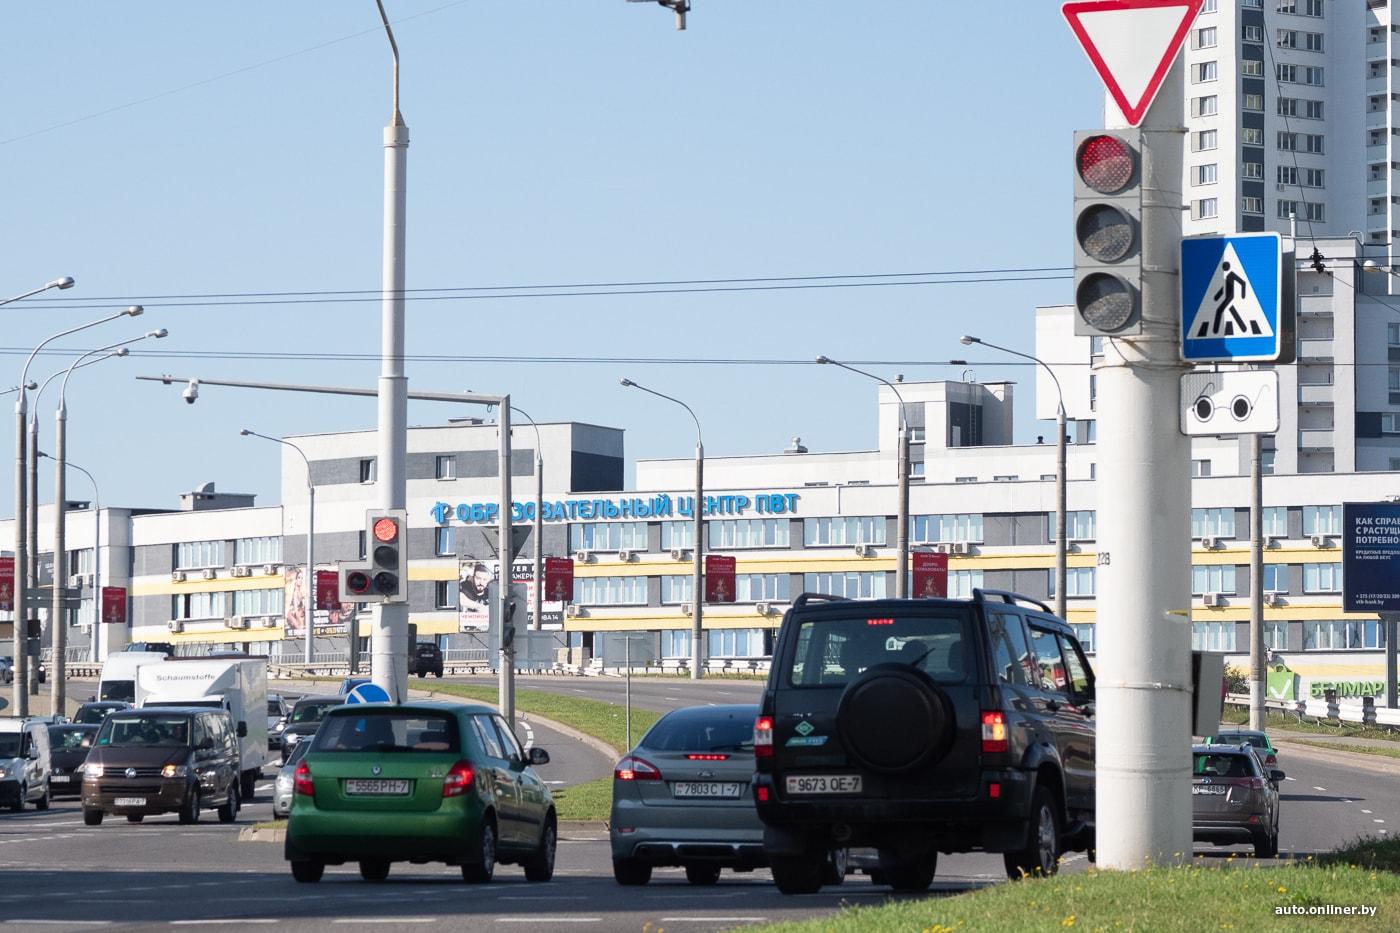 Машины на дороге на красный свет